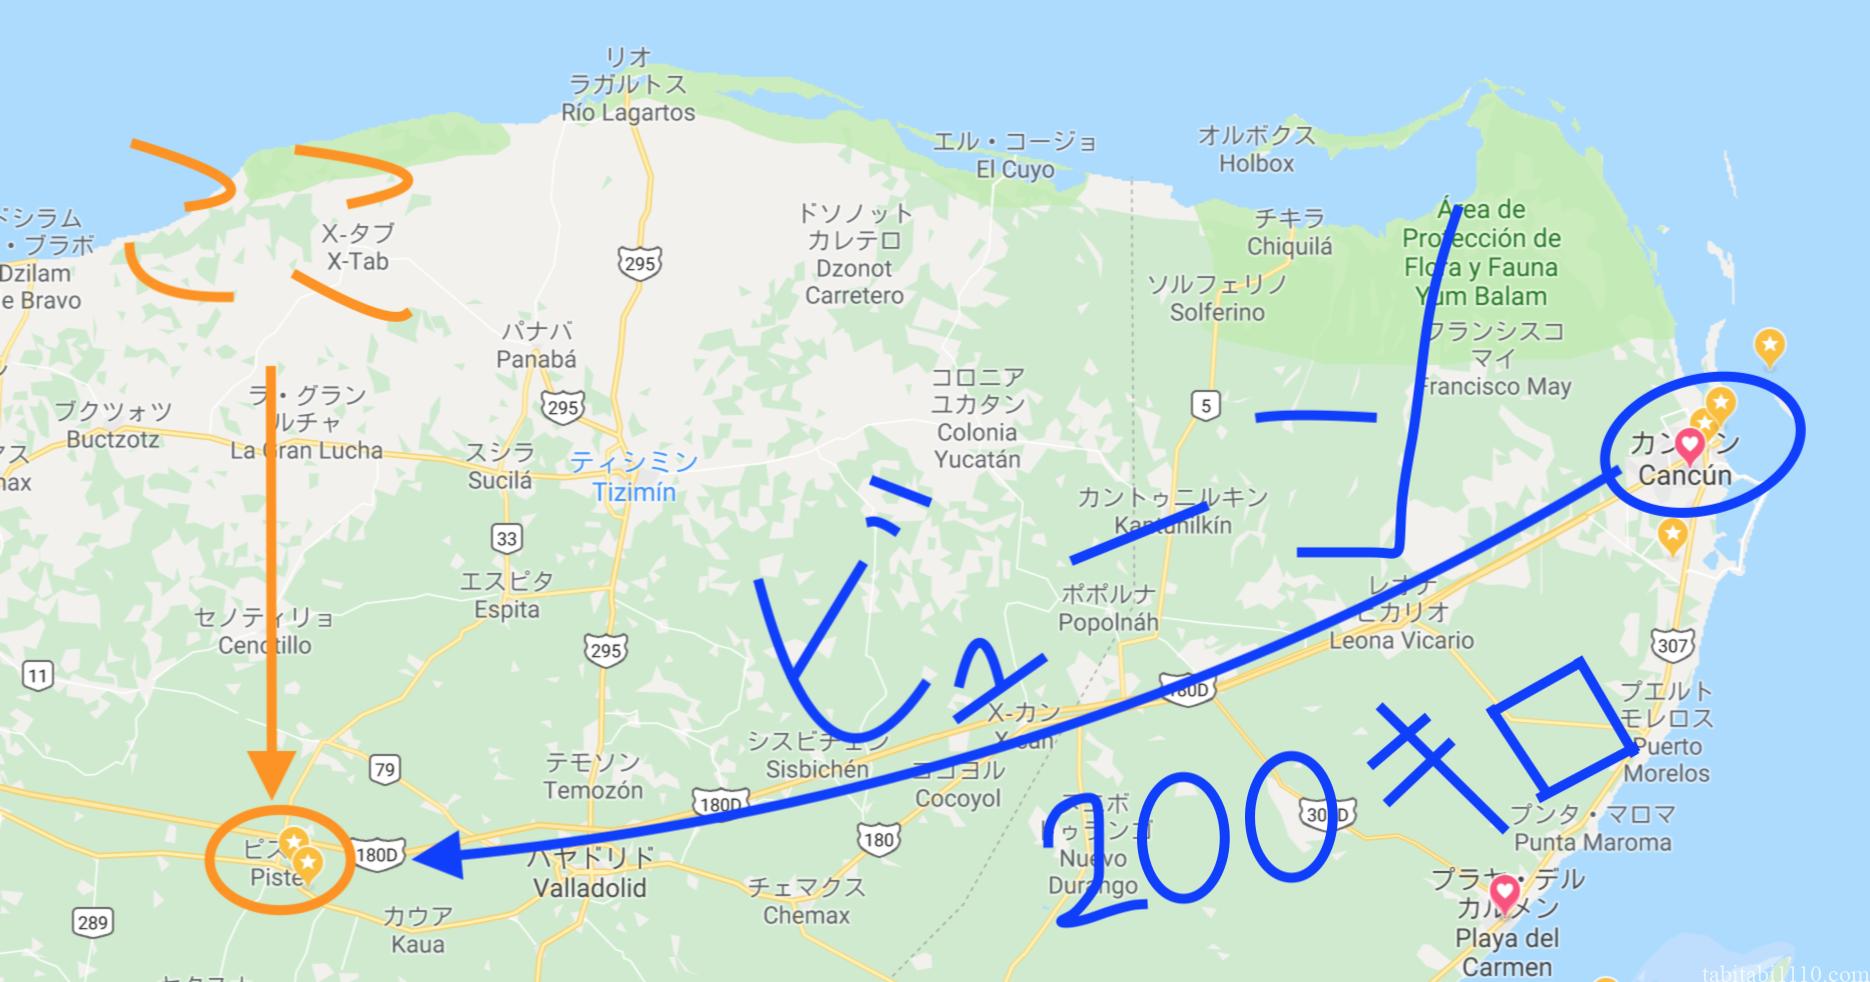 カンクンとチチェンイッツァの位置関係